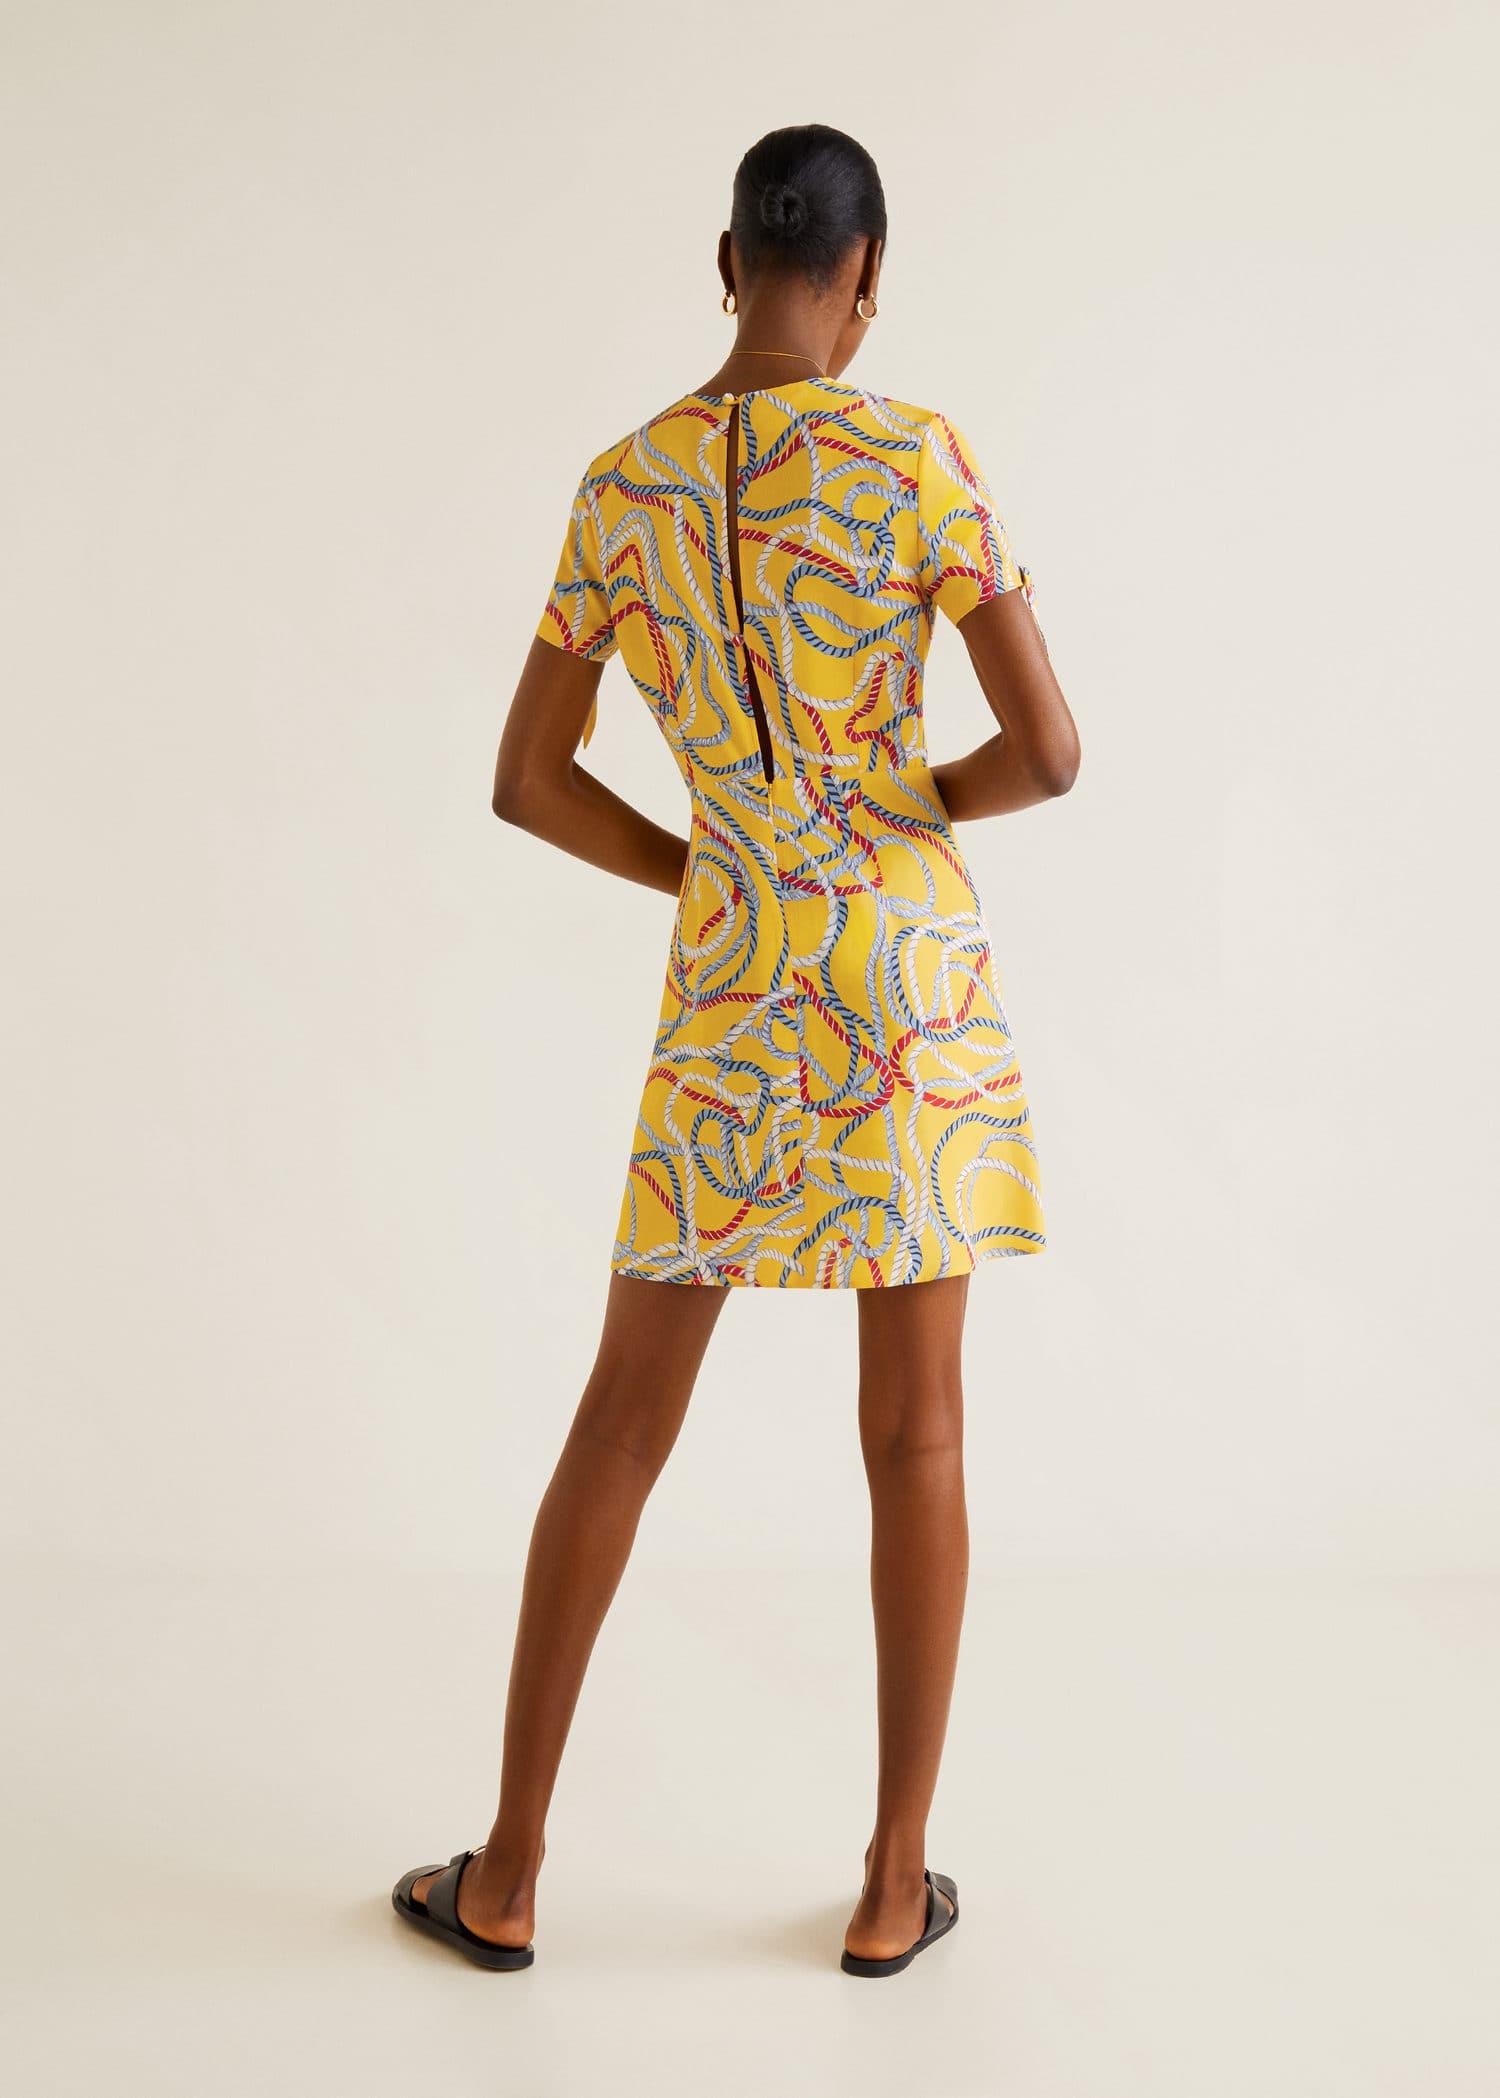 Langes kleid mit schalmuster Damen   Mango Deutschland